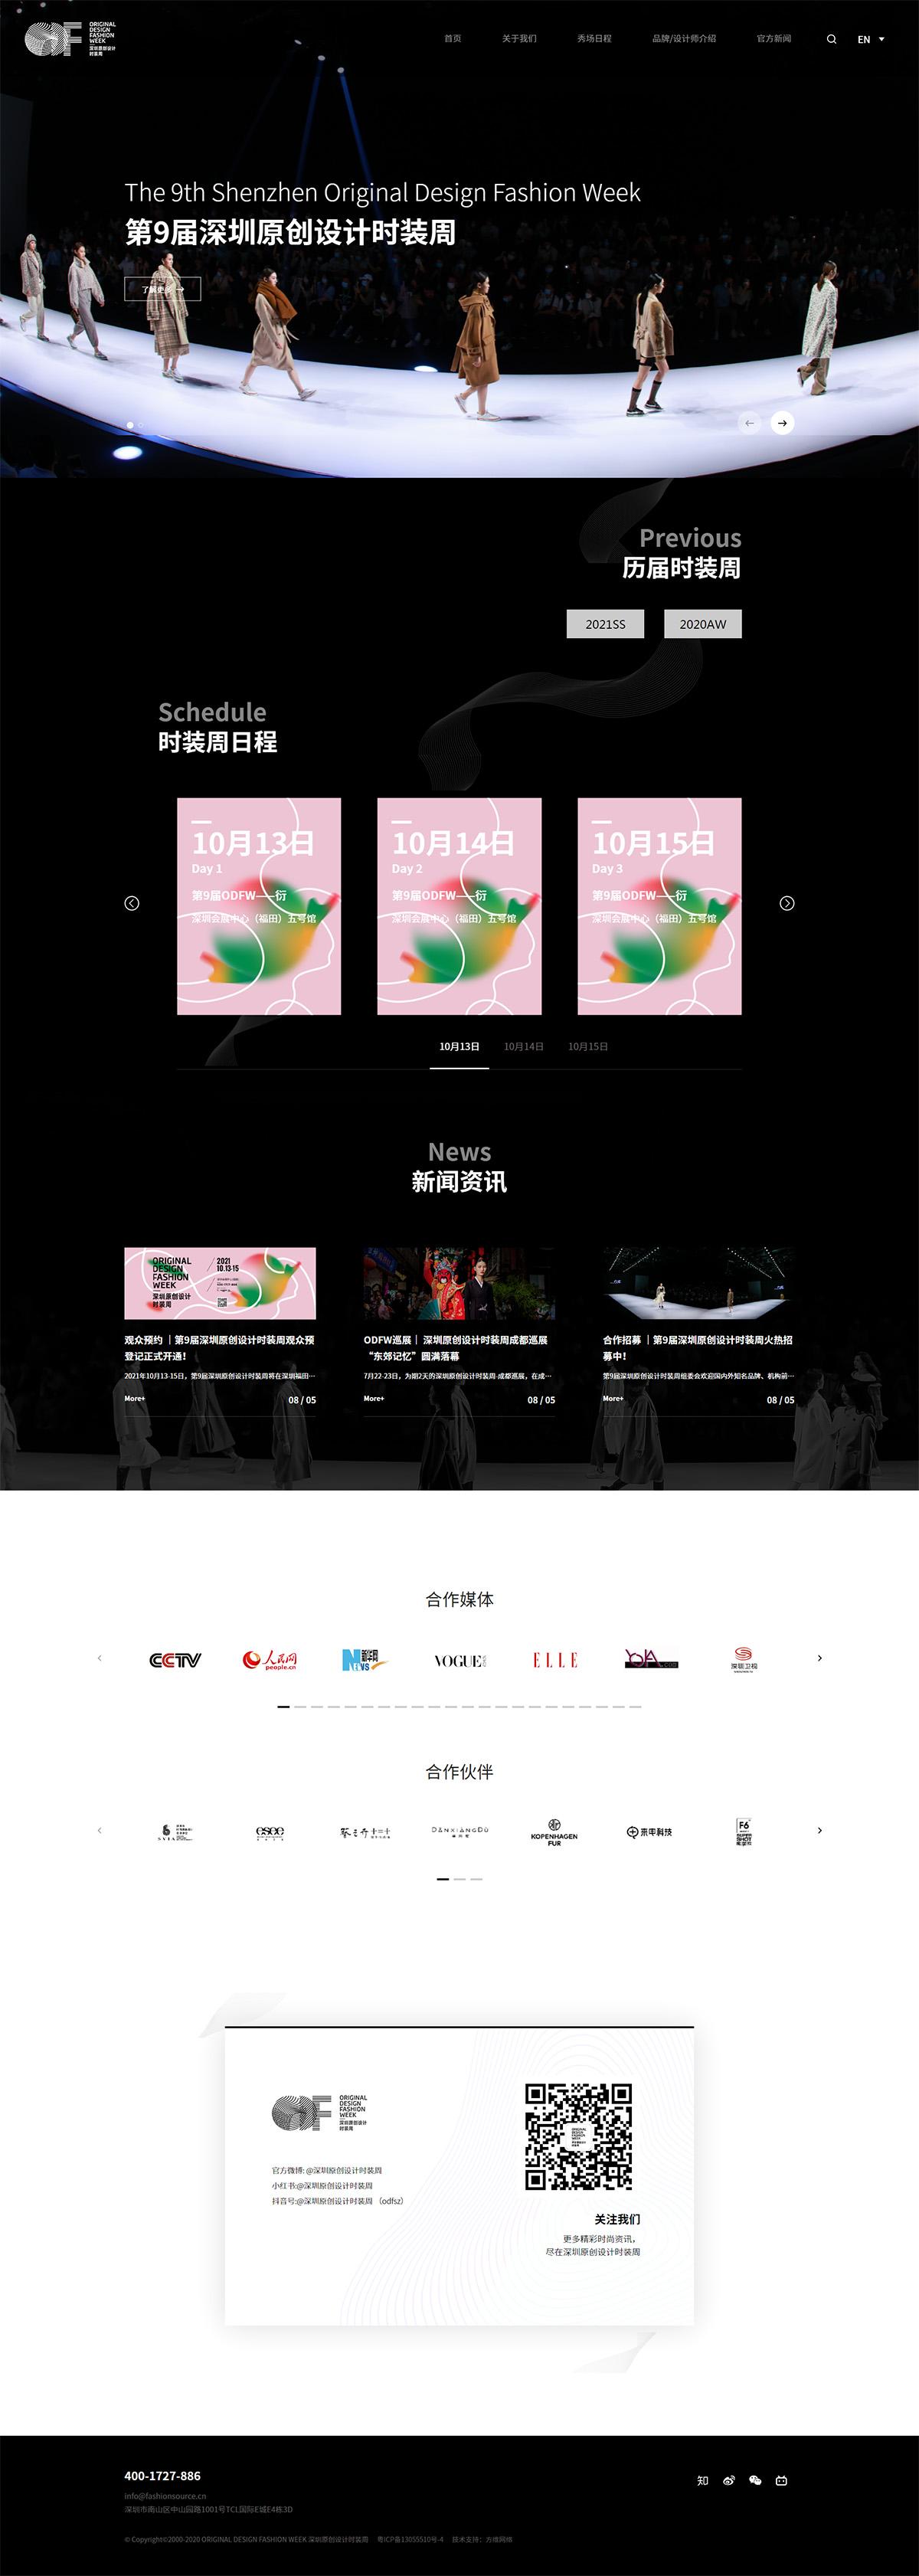 深圳原创设计时装周网站案例